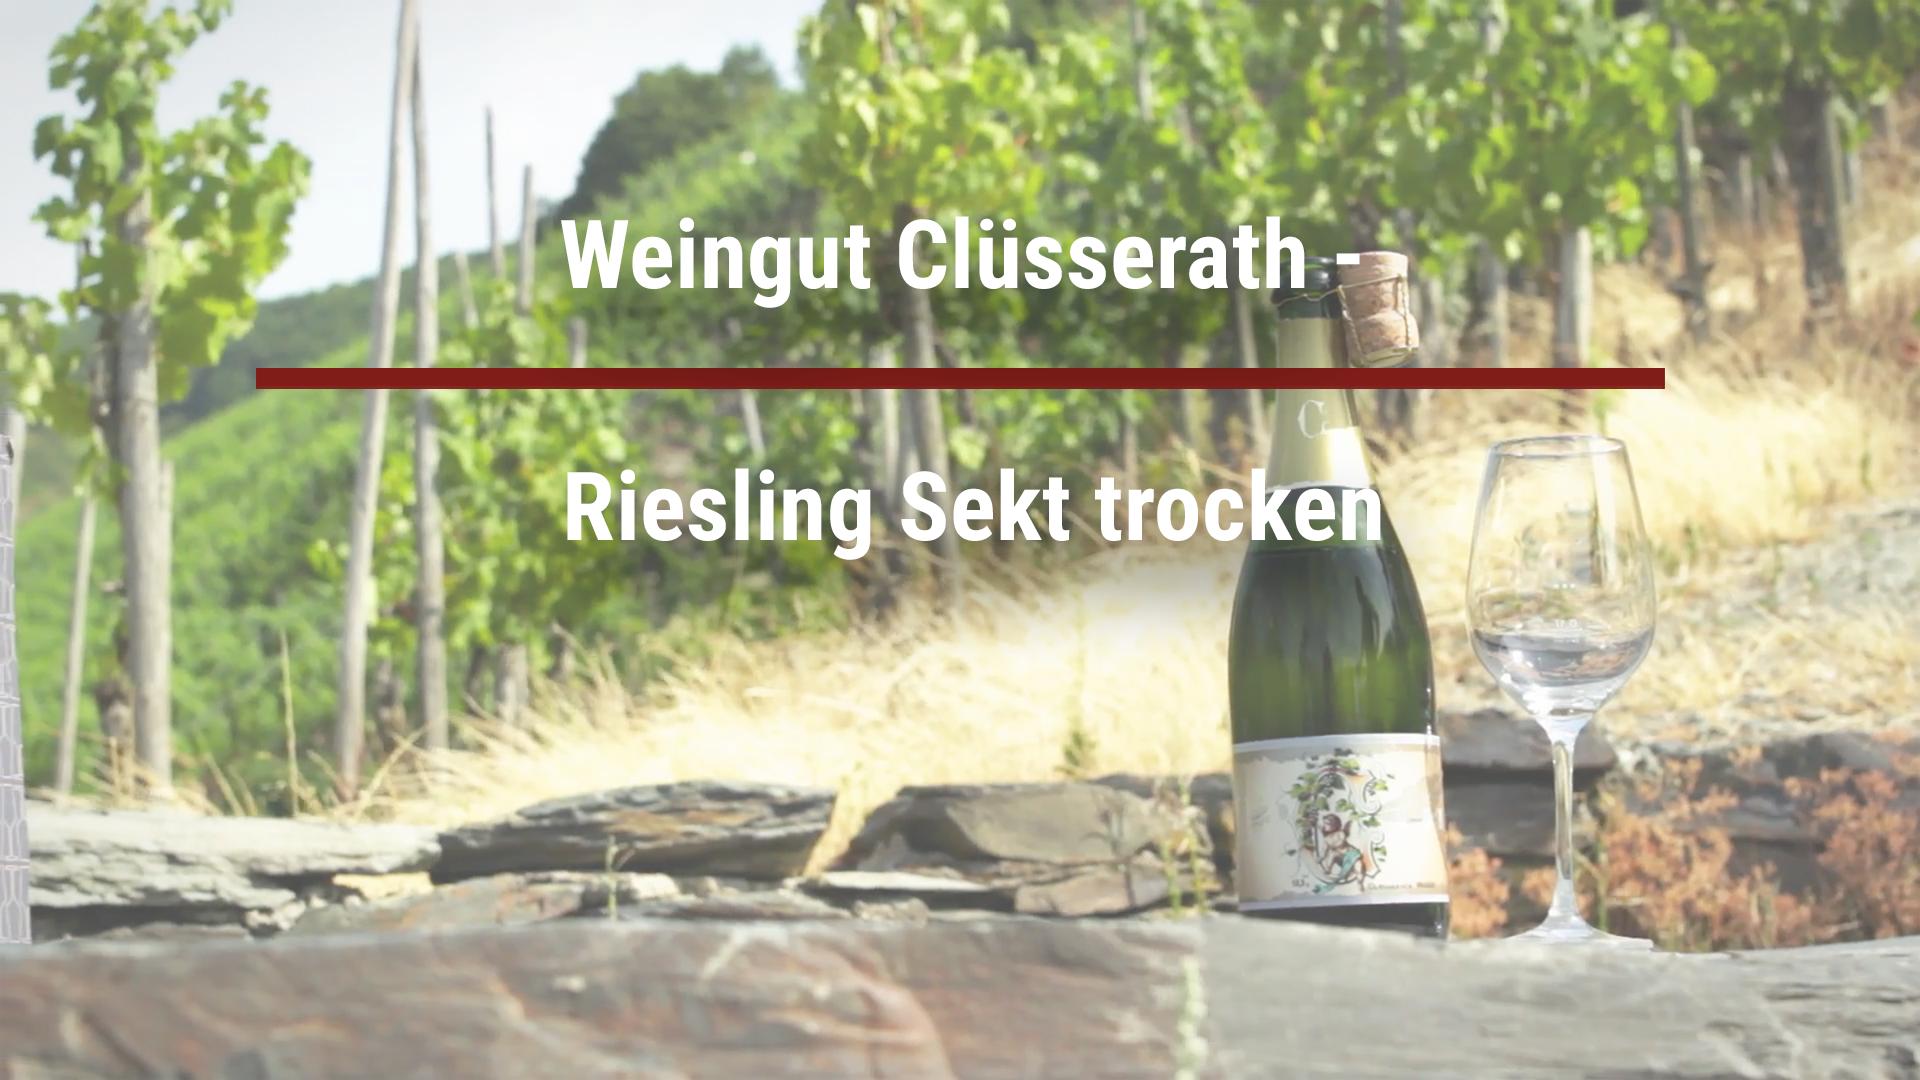 Winery Clüsserath – Riesling Sekt trocken